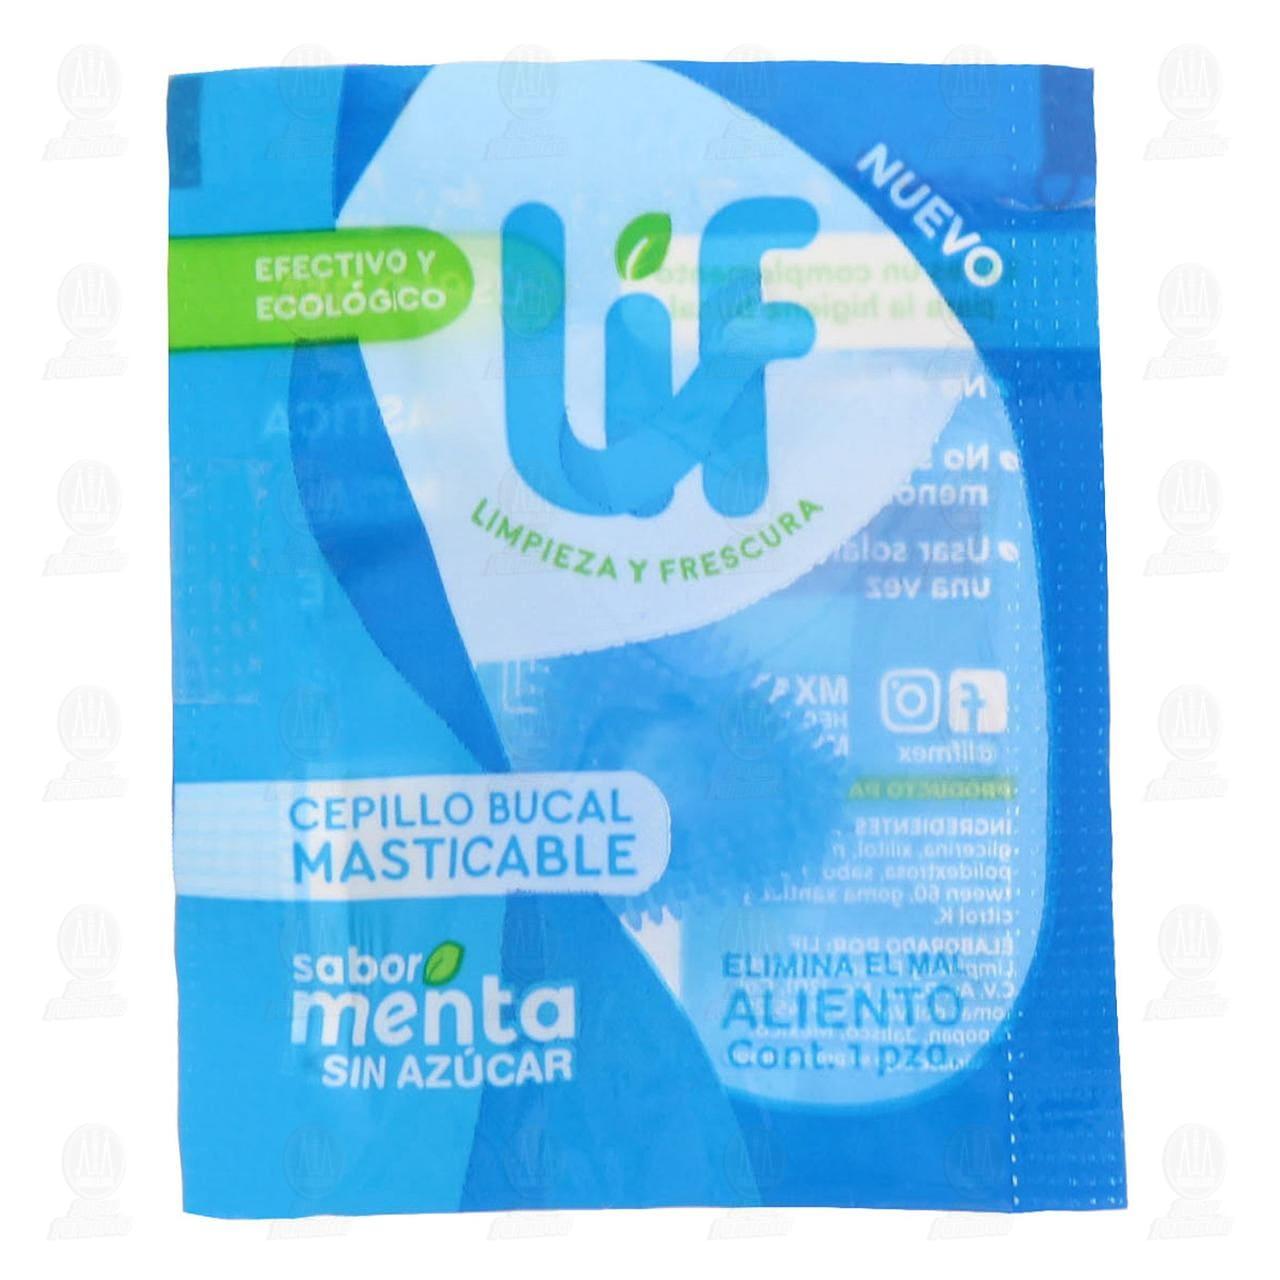 Comprar Cepillo Bucal Masticable Lif Sabor Menta, 1 pz. en Farmacias Guadalajara